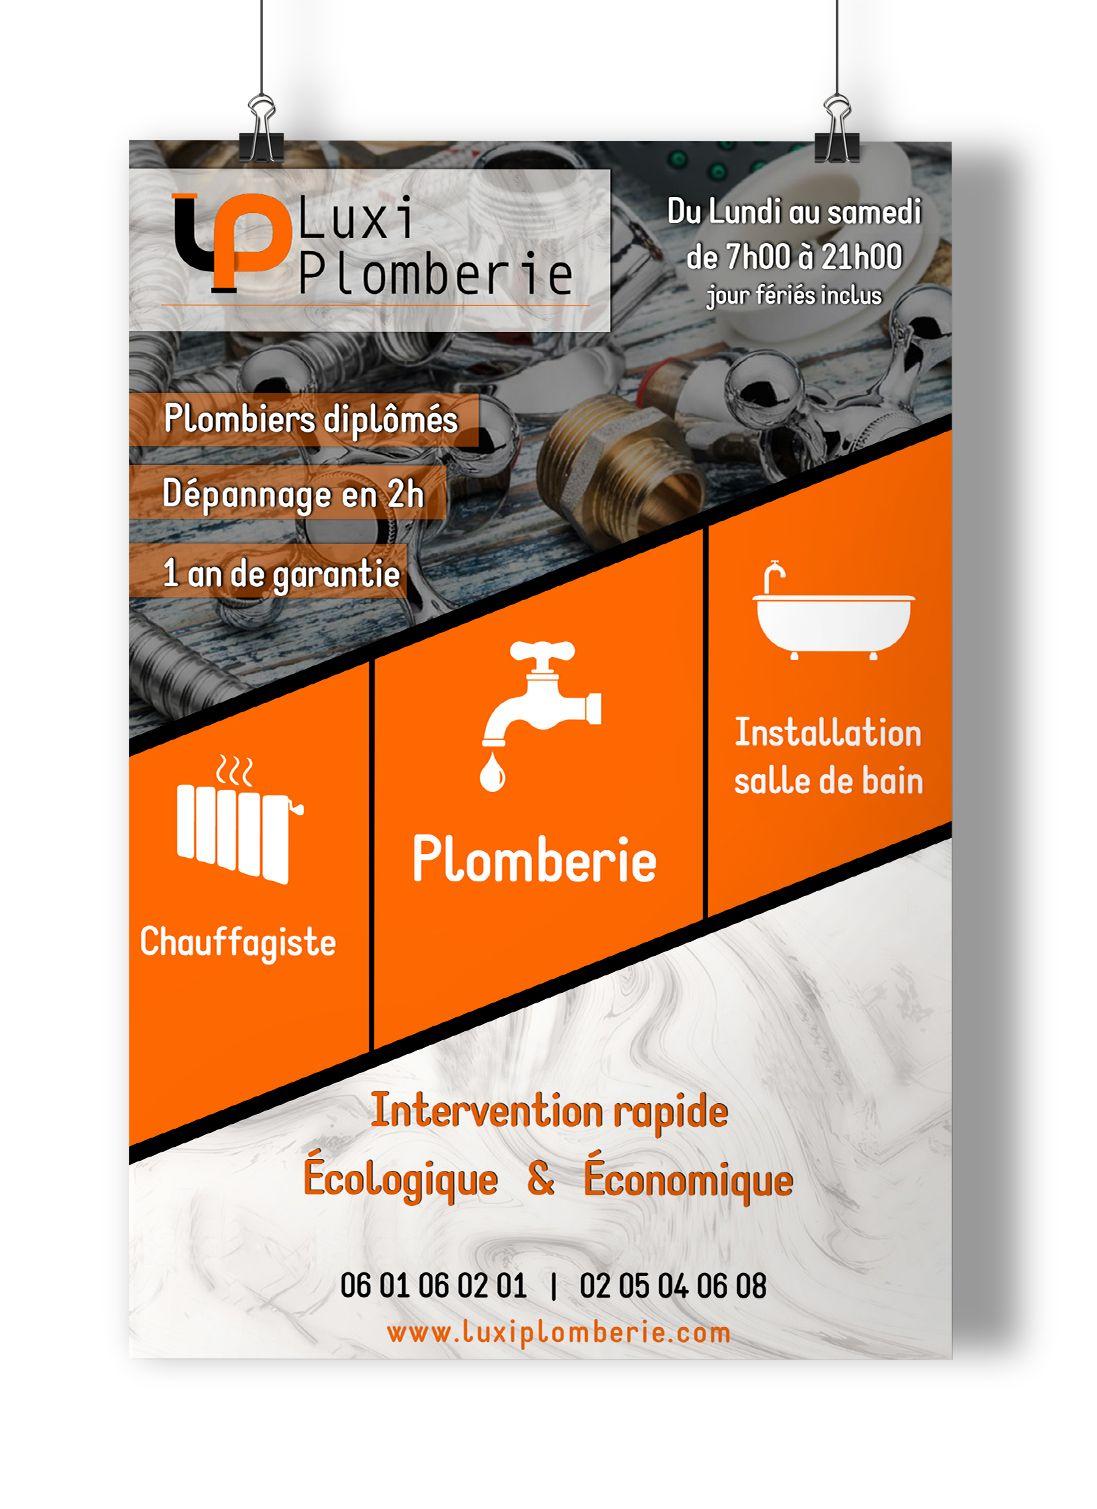 Pour Voir Plus De Design Carte Visite Logo Flyer Retrouvez Moi